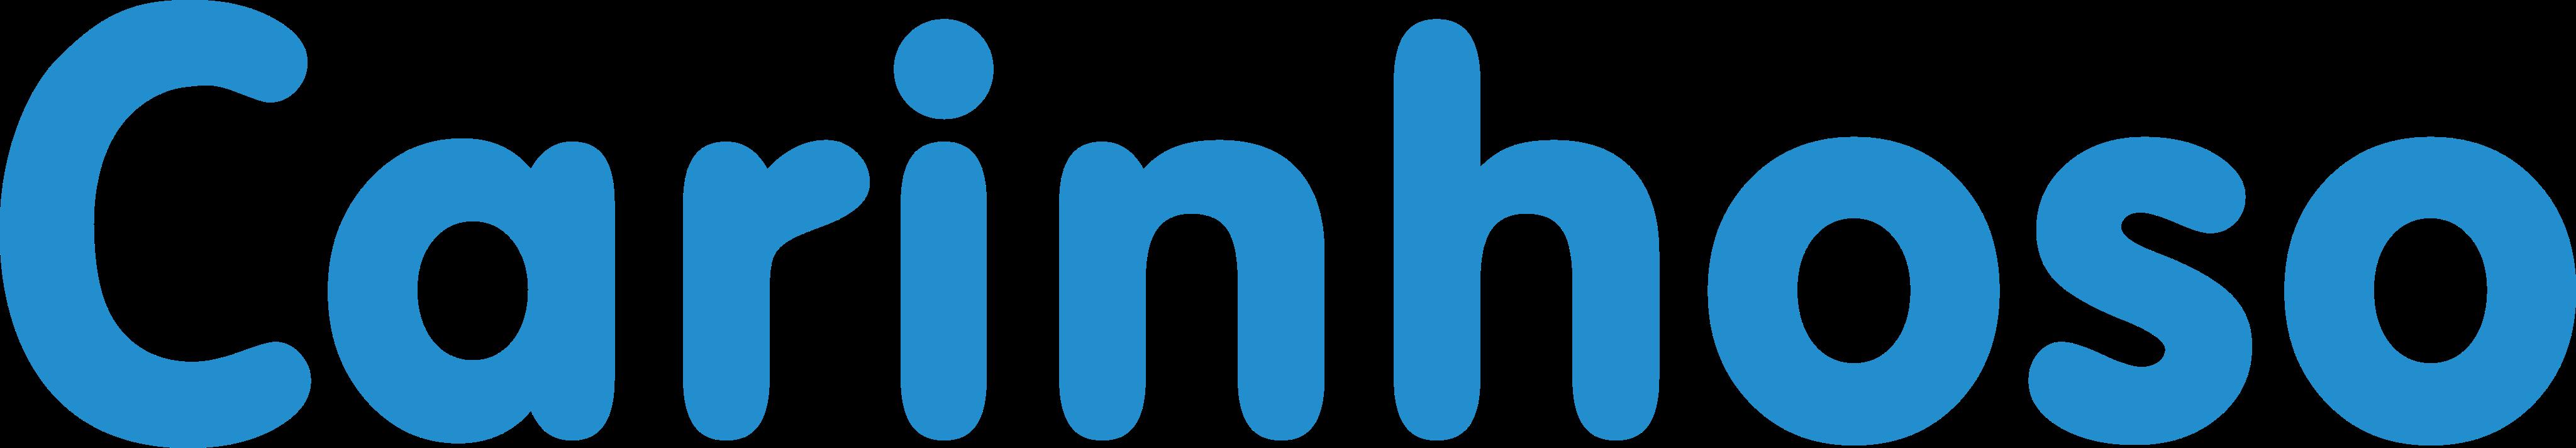 carinhoso logo - Carinhoso Logo